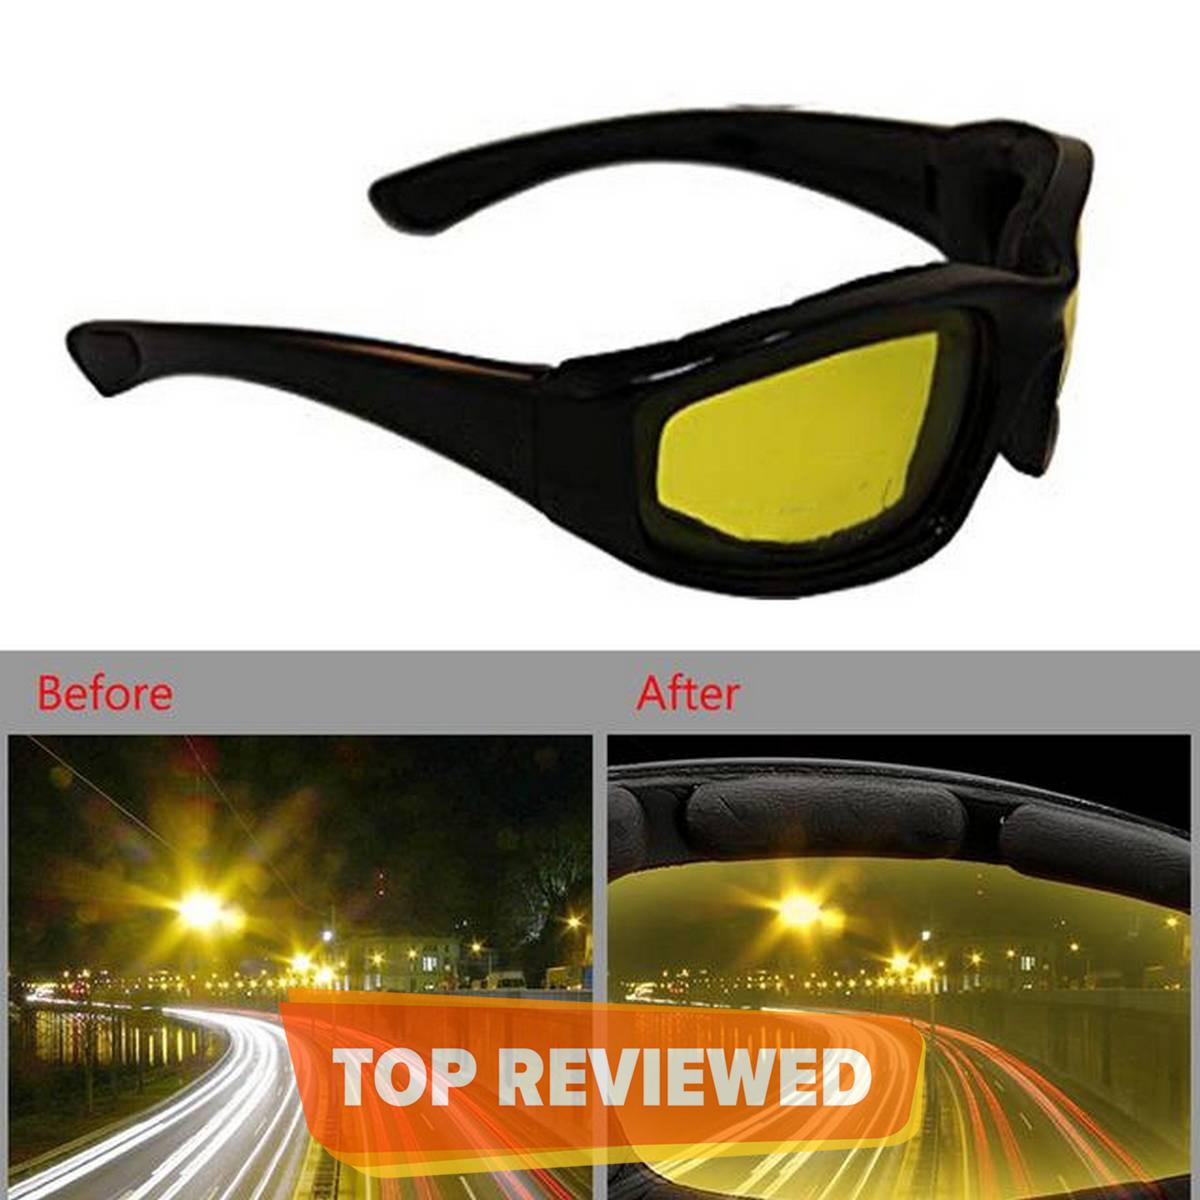 polarized glasses, polarized vision glasses, Day night polarized vision glasses for drivers – anti glare polarized UV protection – eyewear for men/women